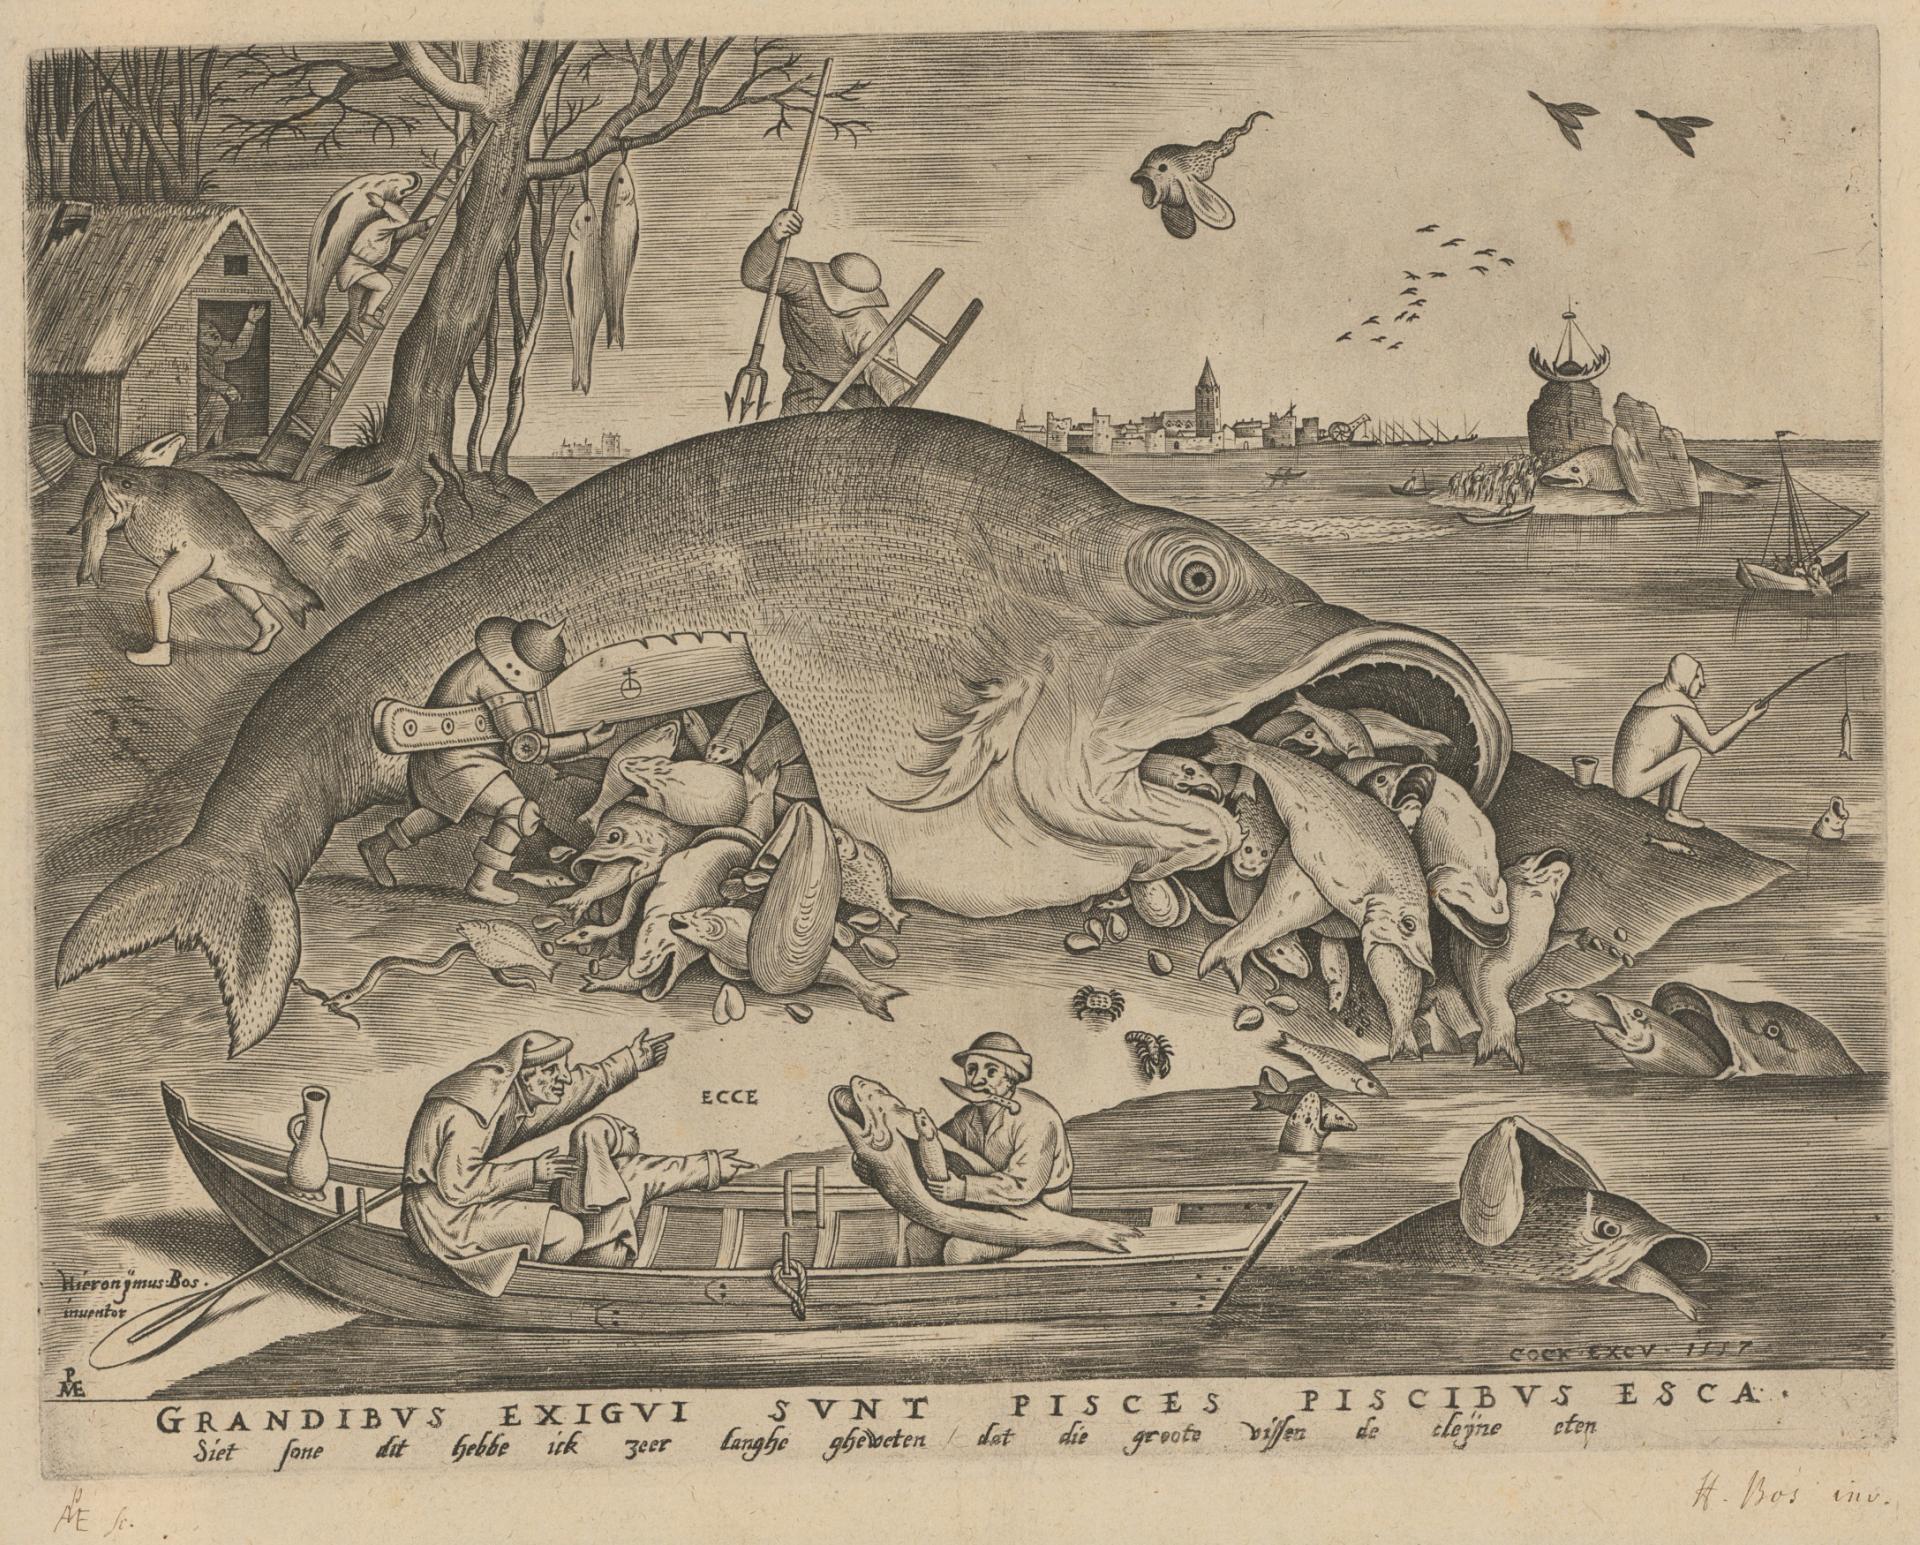 Pieter Bruegel d.Ä., Die grossen Fische fressen die kleinen Fische, 1557, Kupferstich, 26.7 x 34.6 cm, Kunstmuseum Basel, Kupferstichkabinett